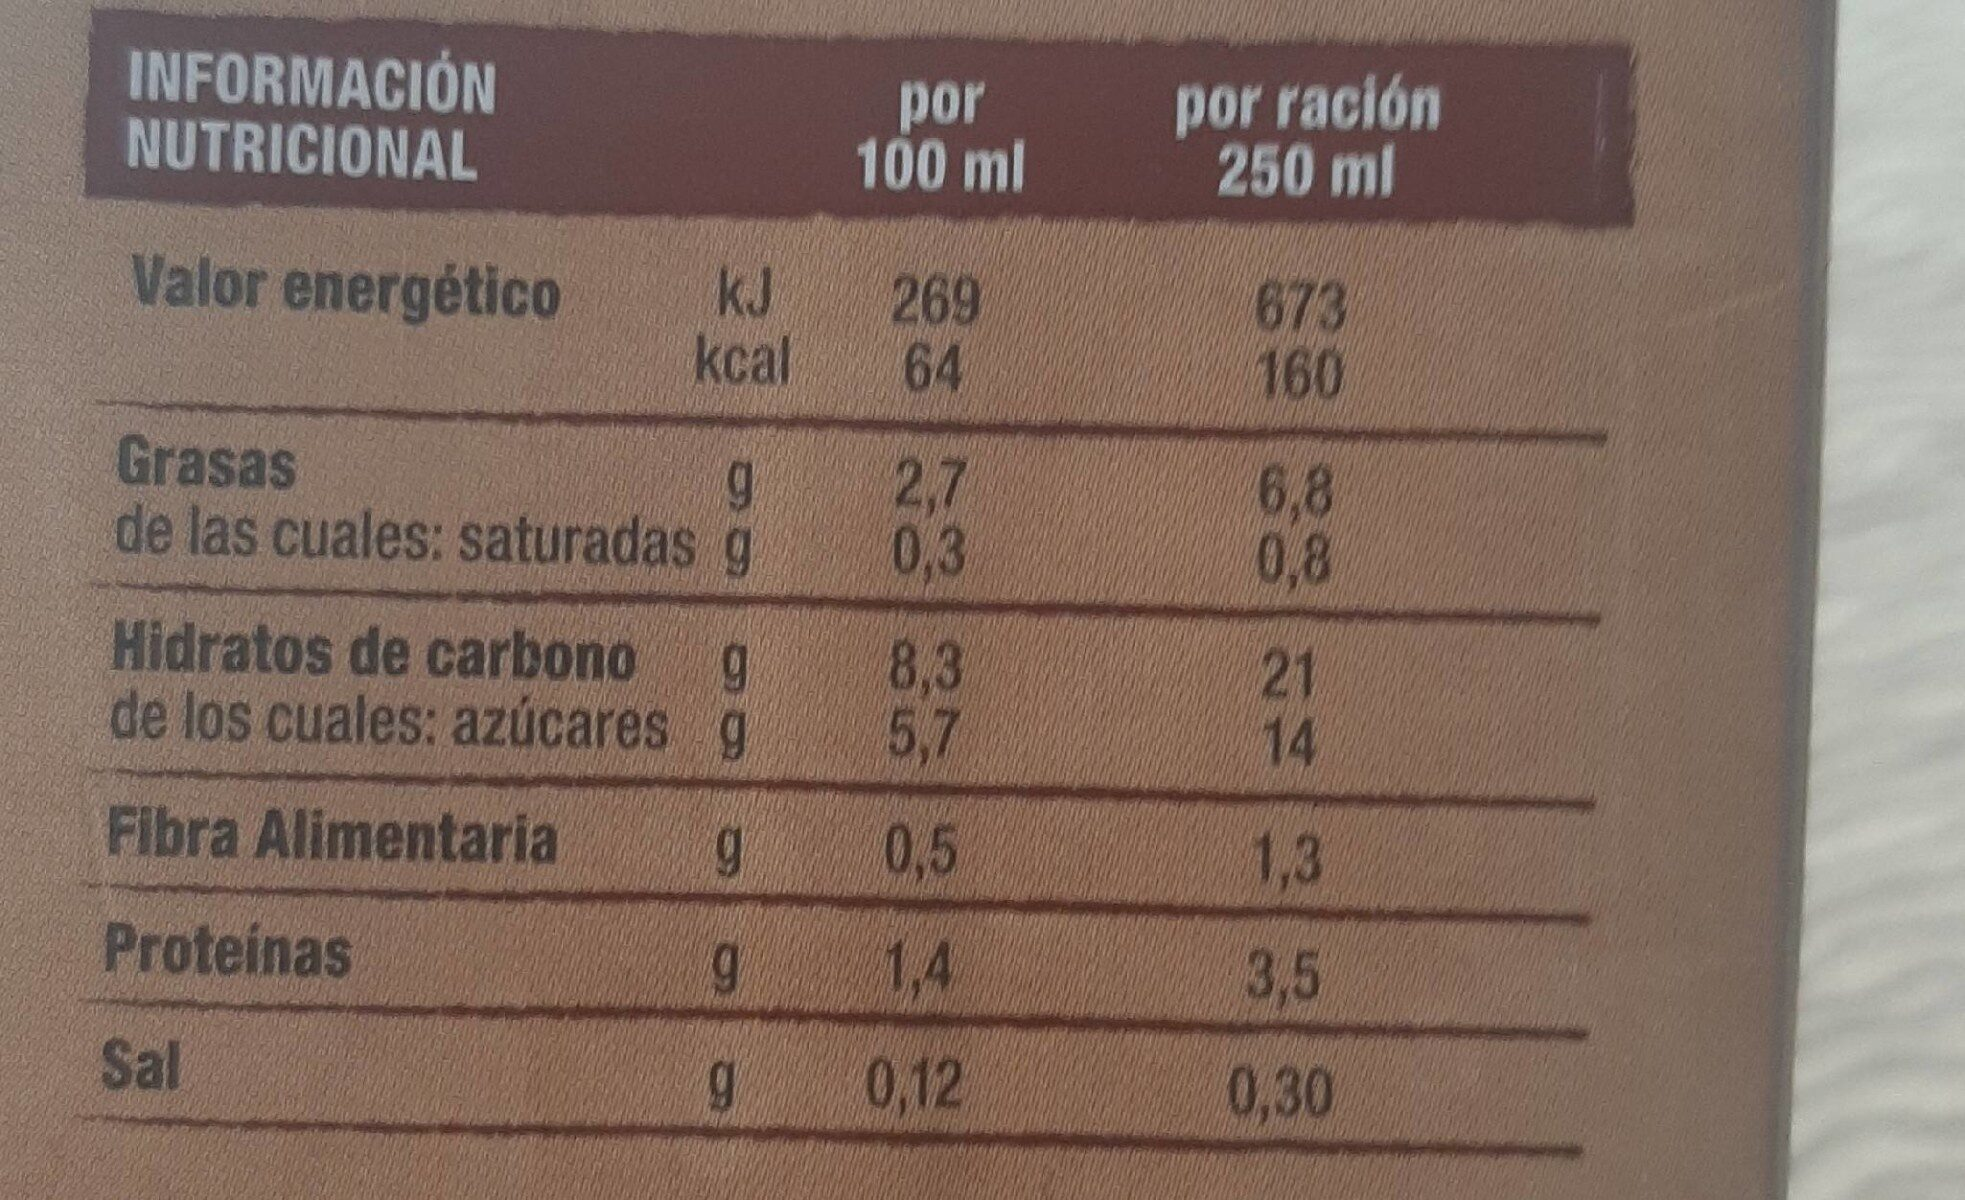 Avena almendras - Información nutricional - es